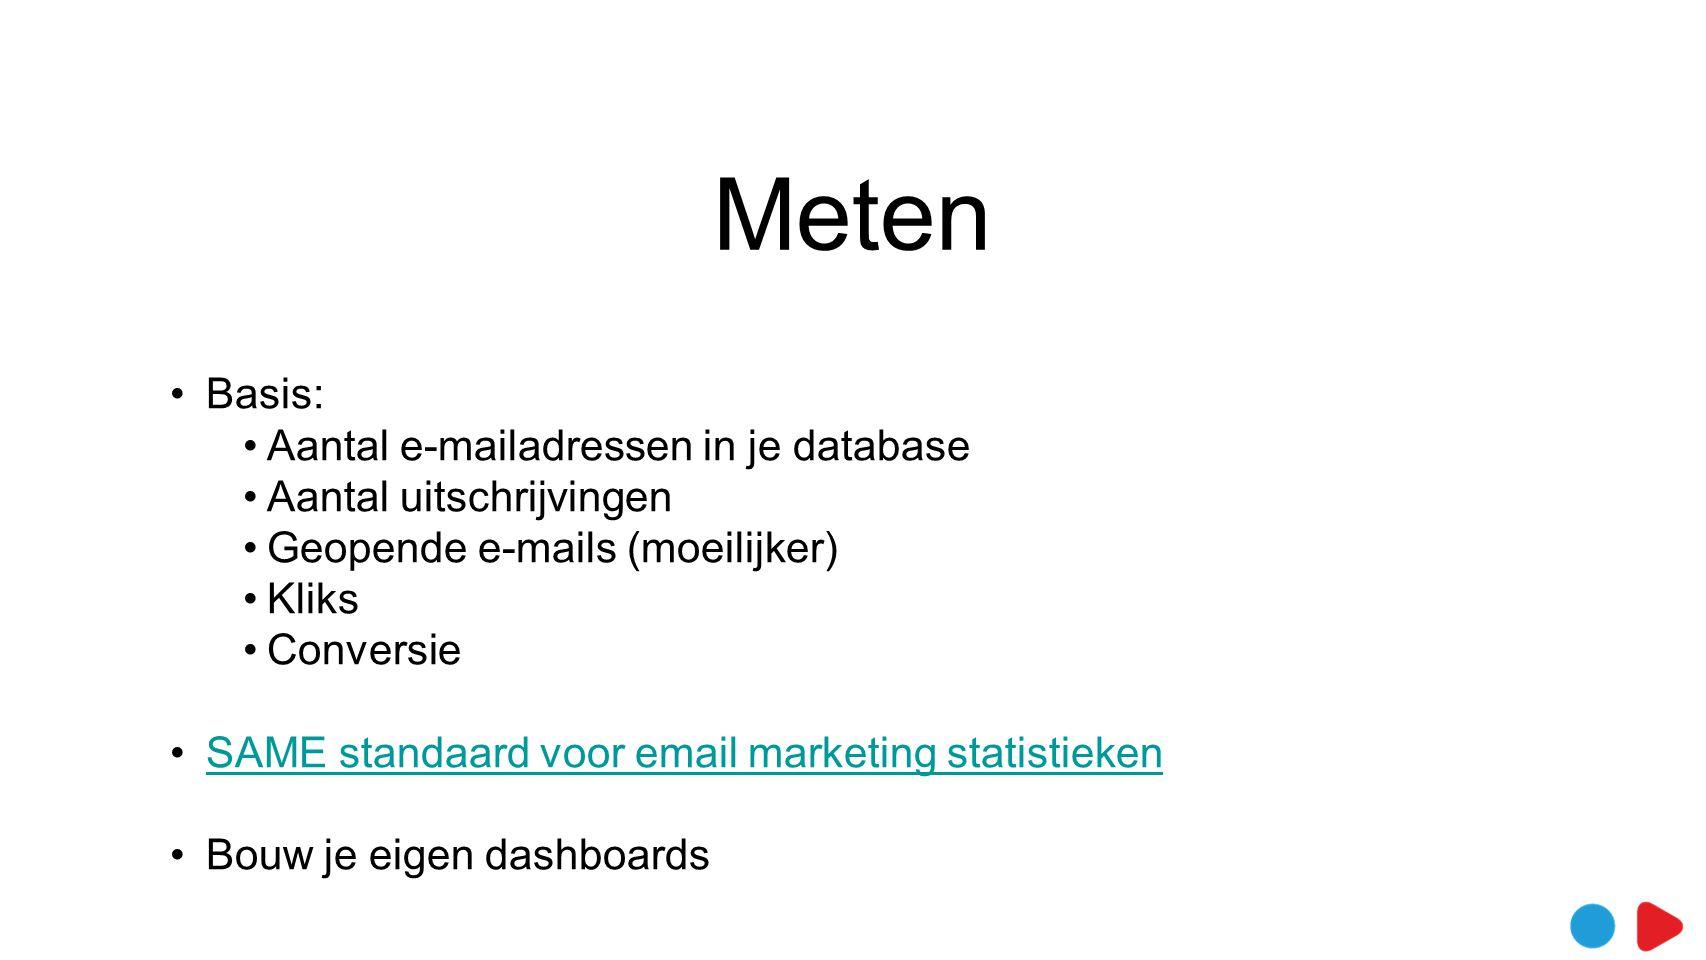 Meten •Basis: •Aantal e-mailadressen in je database •Aantal uitschrijvingen •Geopende e-mails (moeilijker) •Kliks •Conversie •SAME standaard voor email marketing statistiekenSAME standaard voor email marketing statistieken •Bouw je eigen dashboards